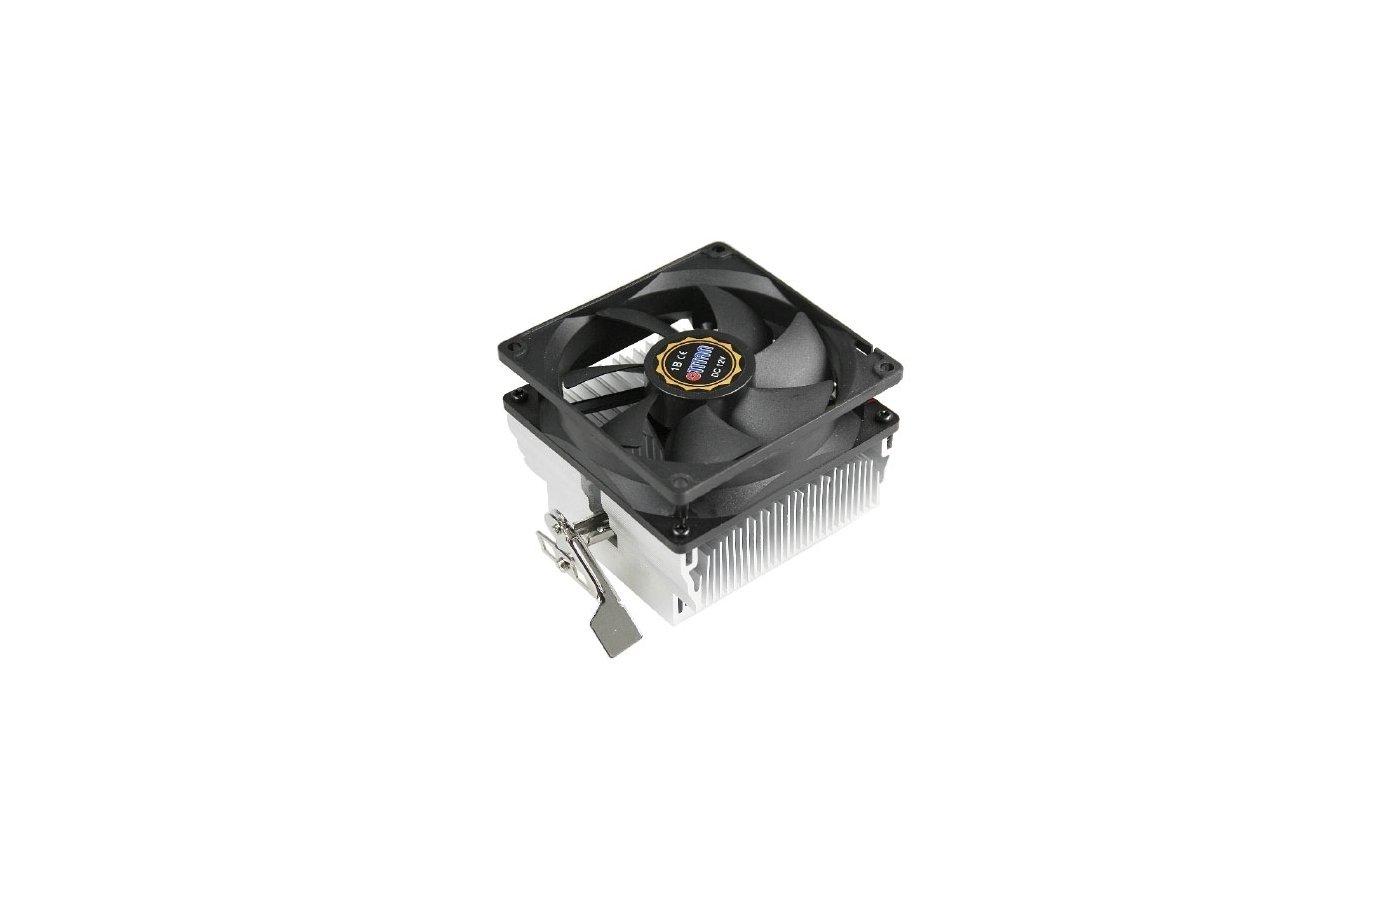 Охлаждение Titan DC-K8M925B/R/CU35 Soc-AM3+/FM1/FM2 3pin 25dB Al+Cu 105W 495g скоба